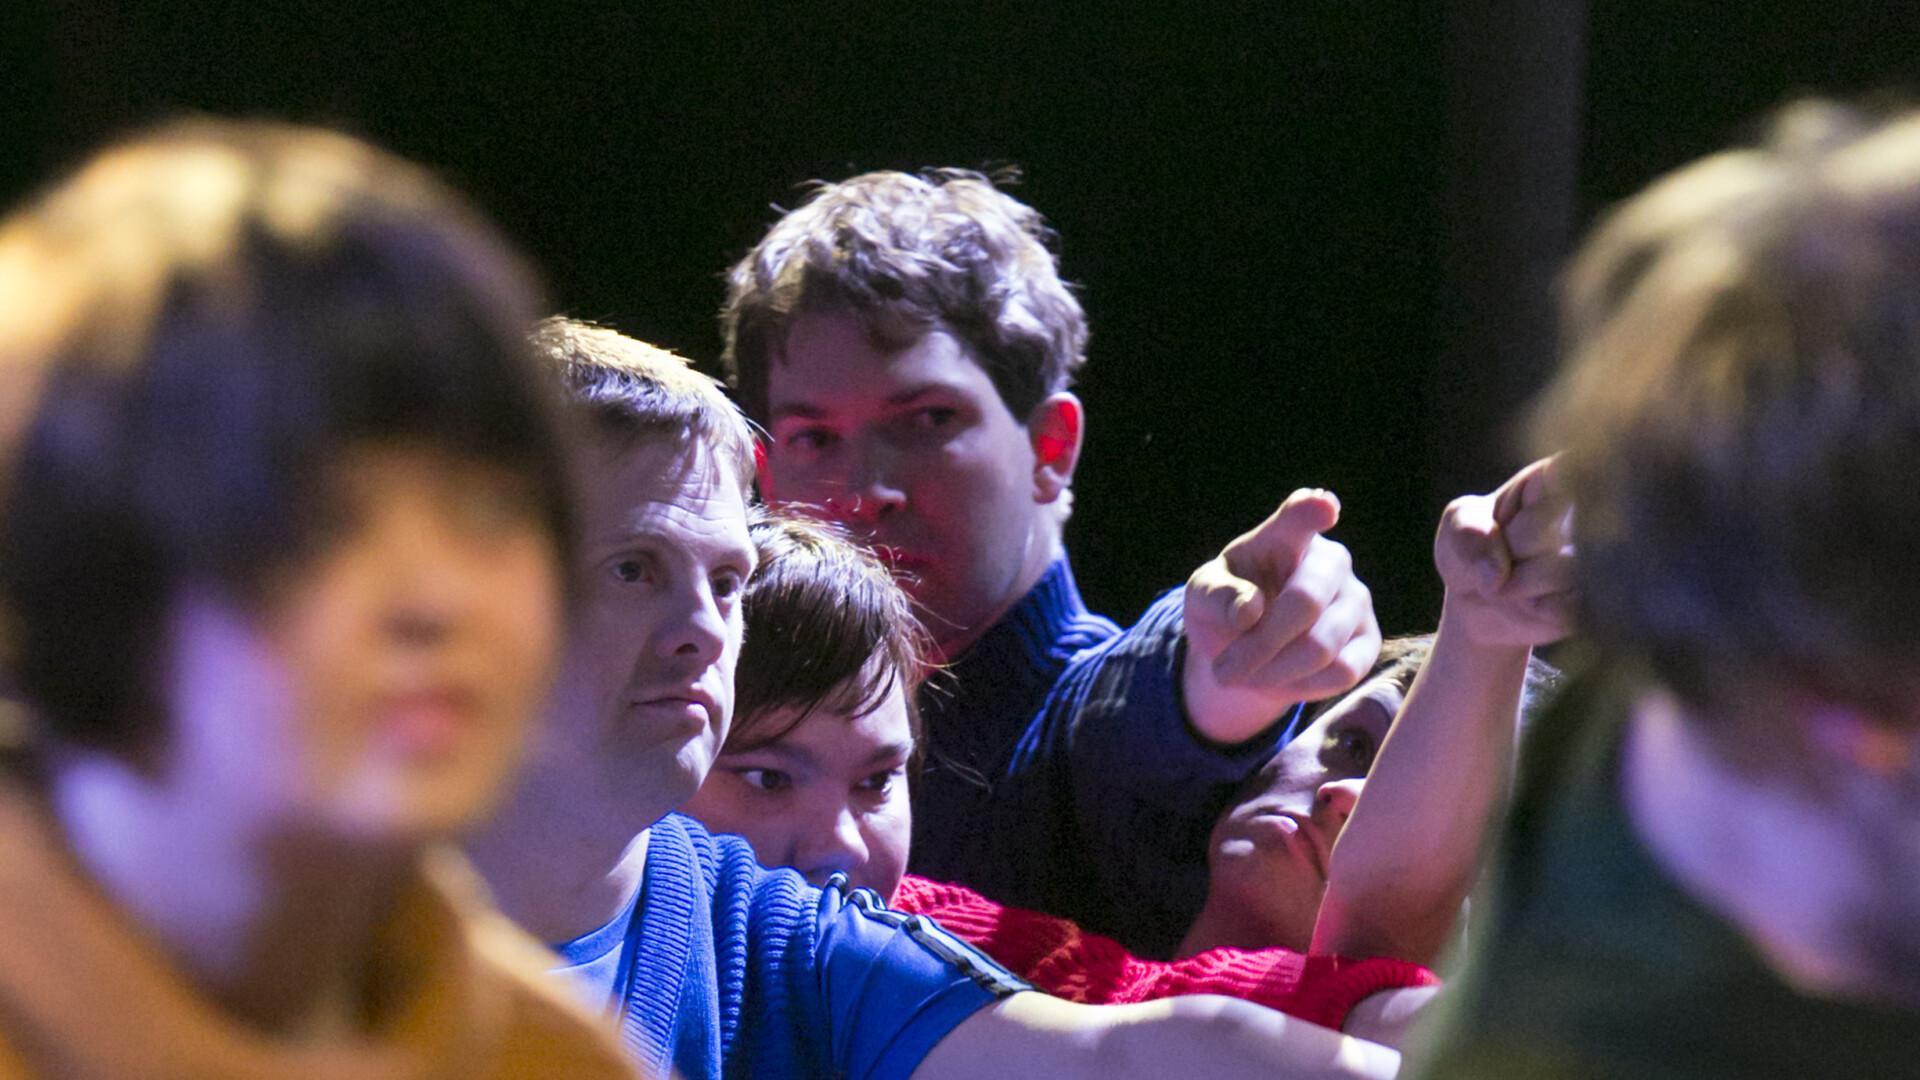 Szenenfoto aus einer Aufführung: Mehrere Menschen in Großaufnahme. Alle zeigen mit den Fingern in eine Richtung